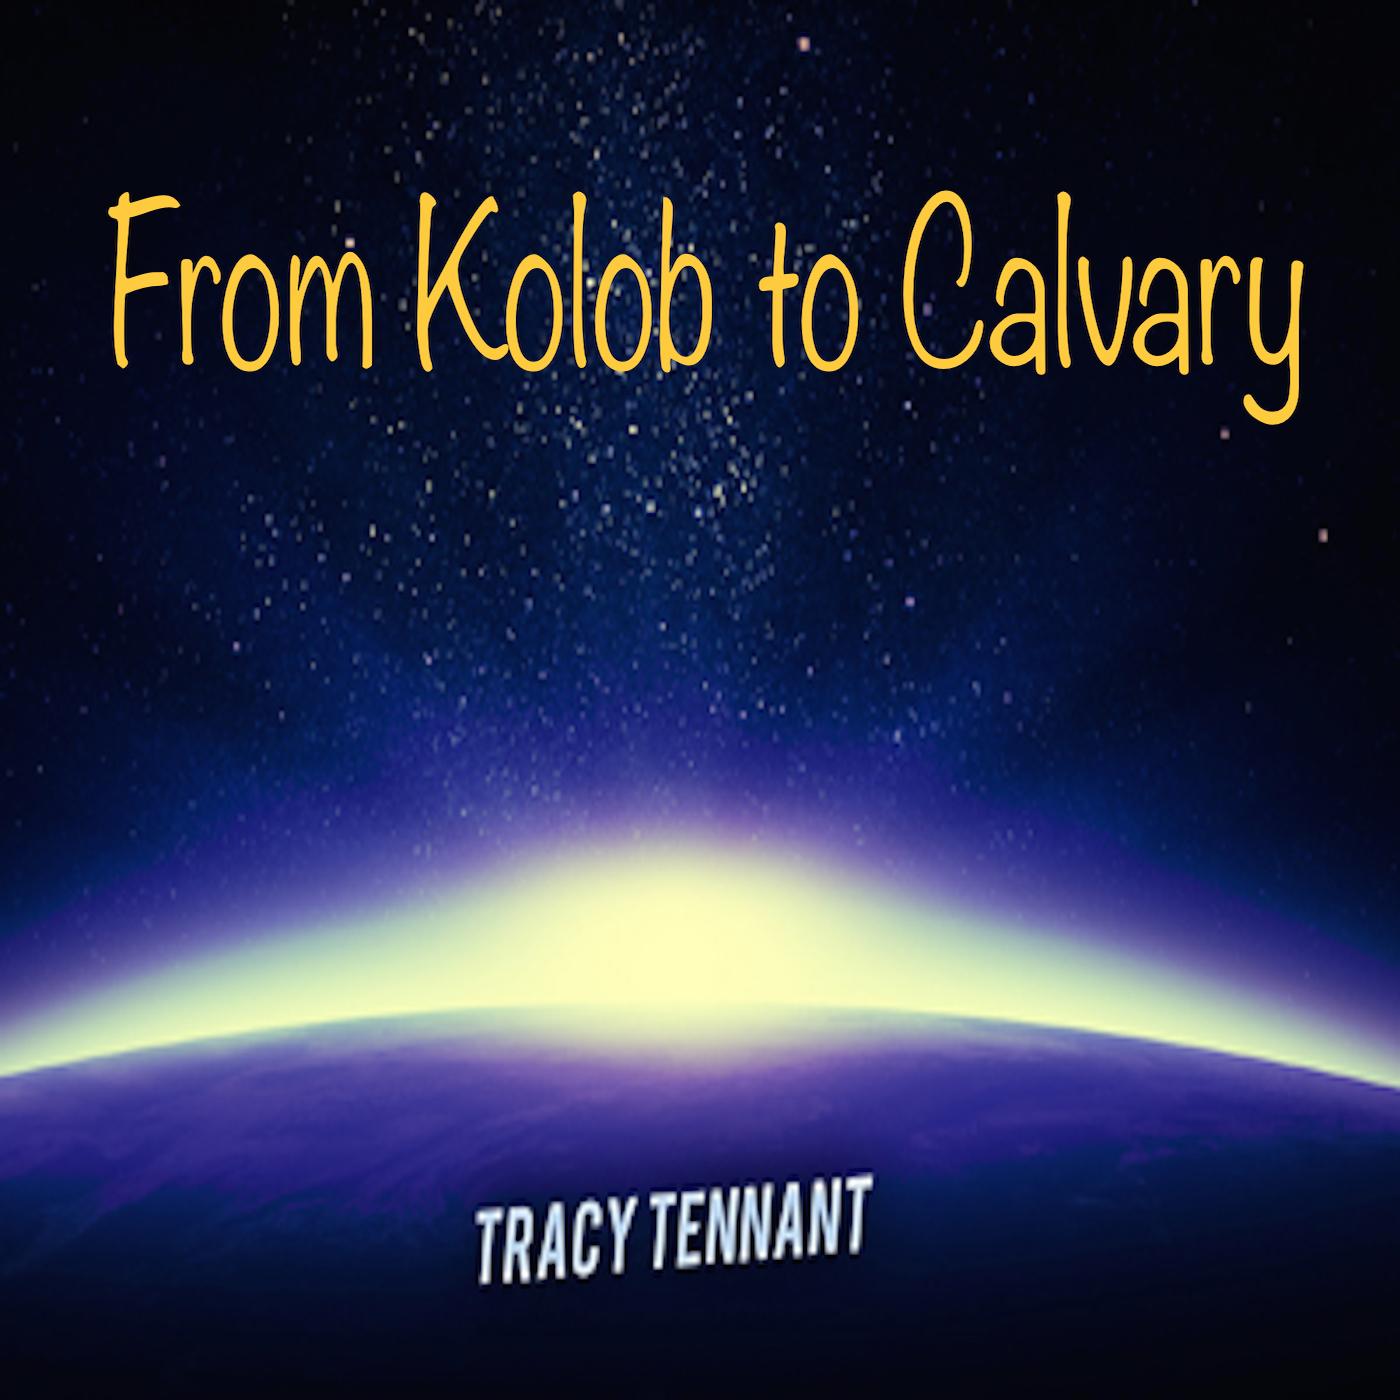 From Kolob to Calvary's podcast